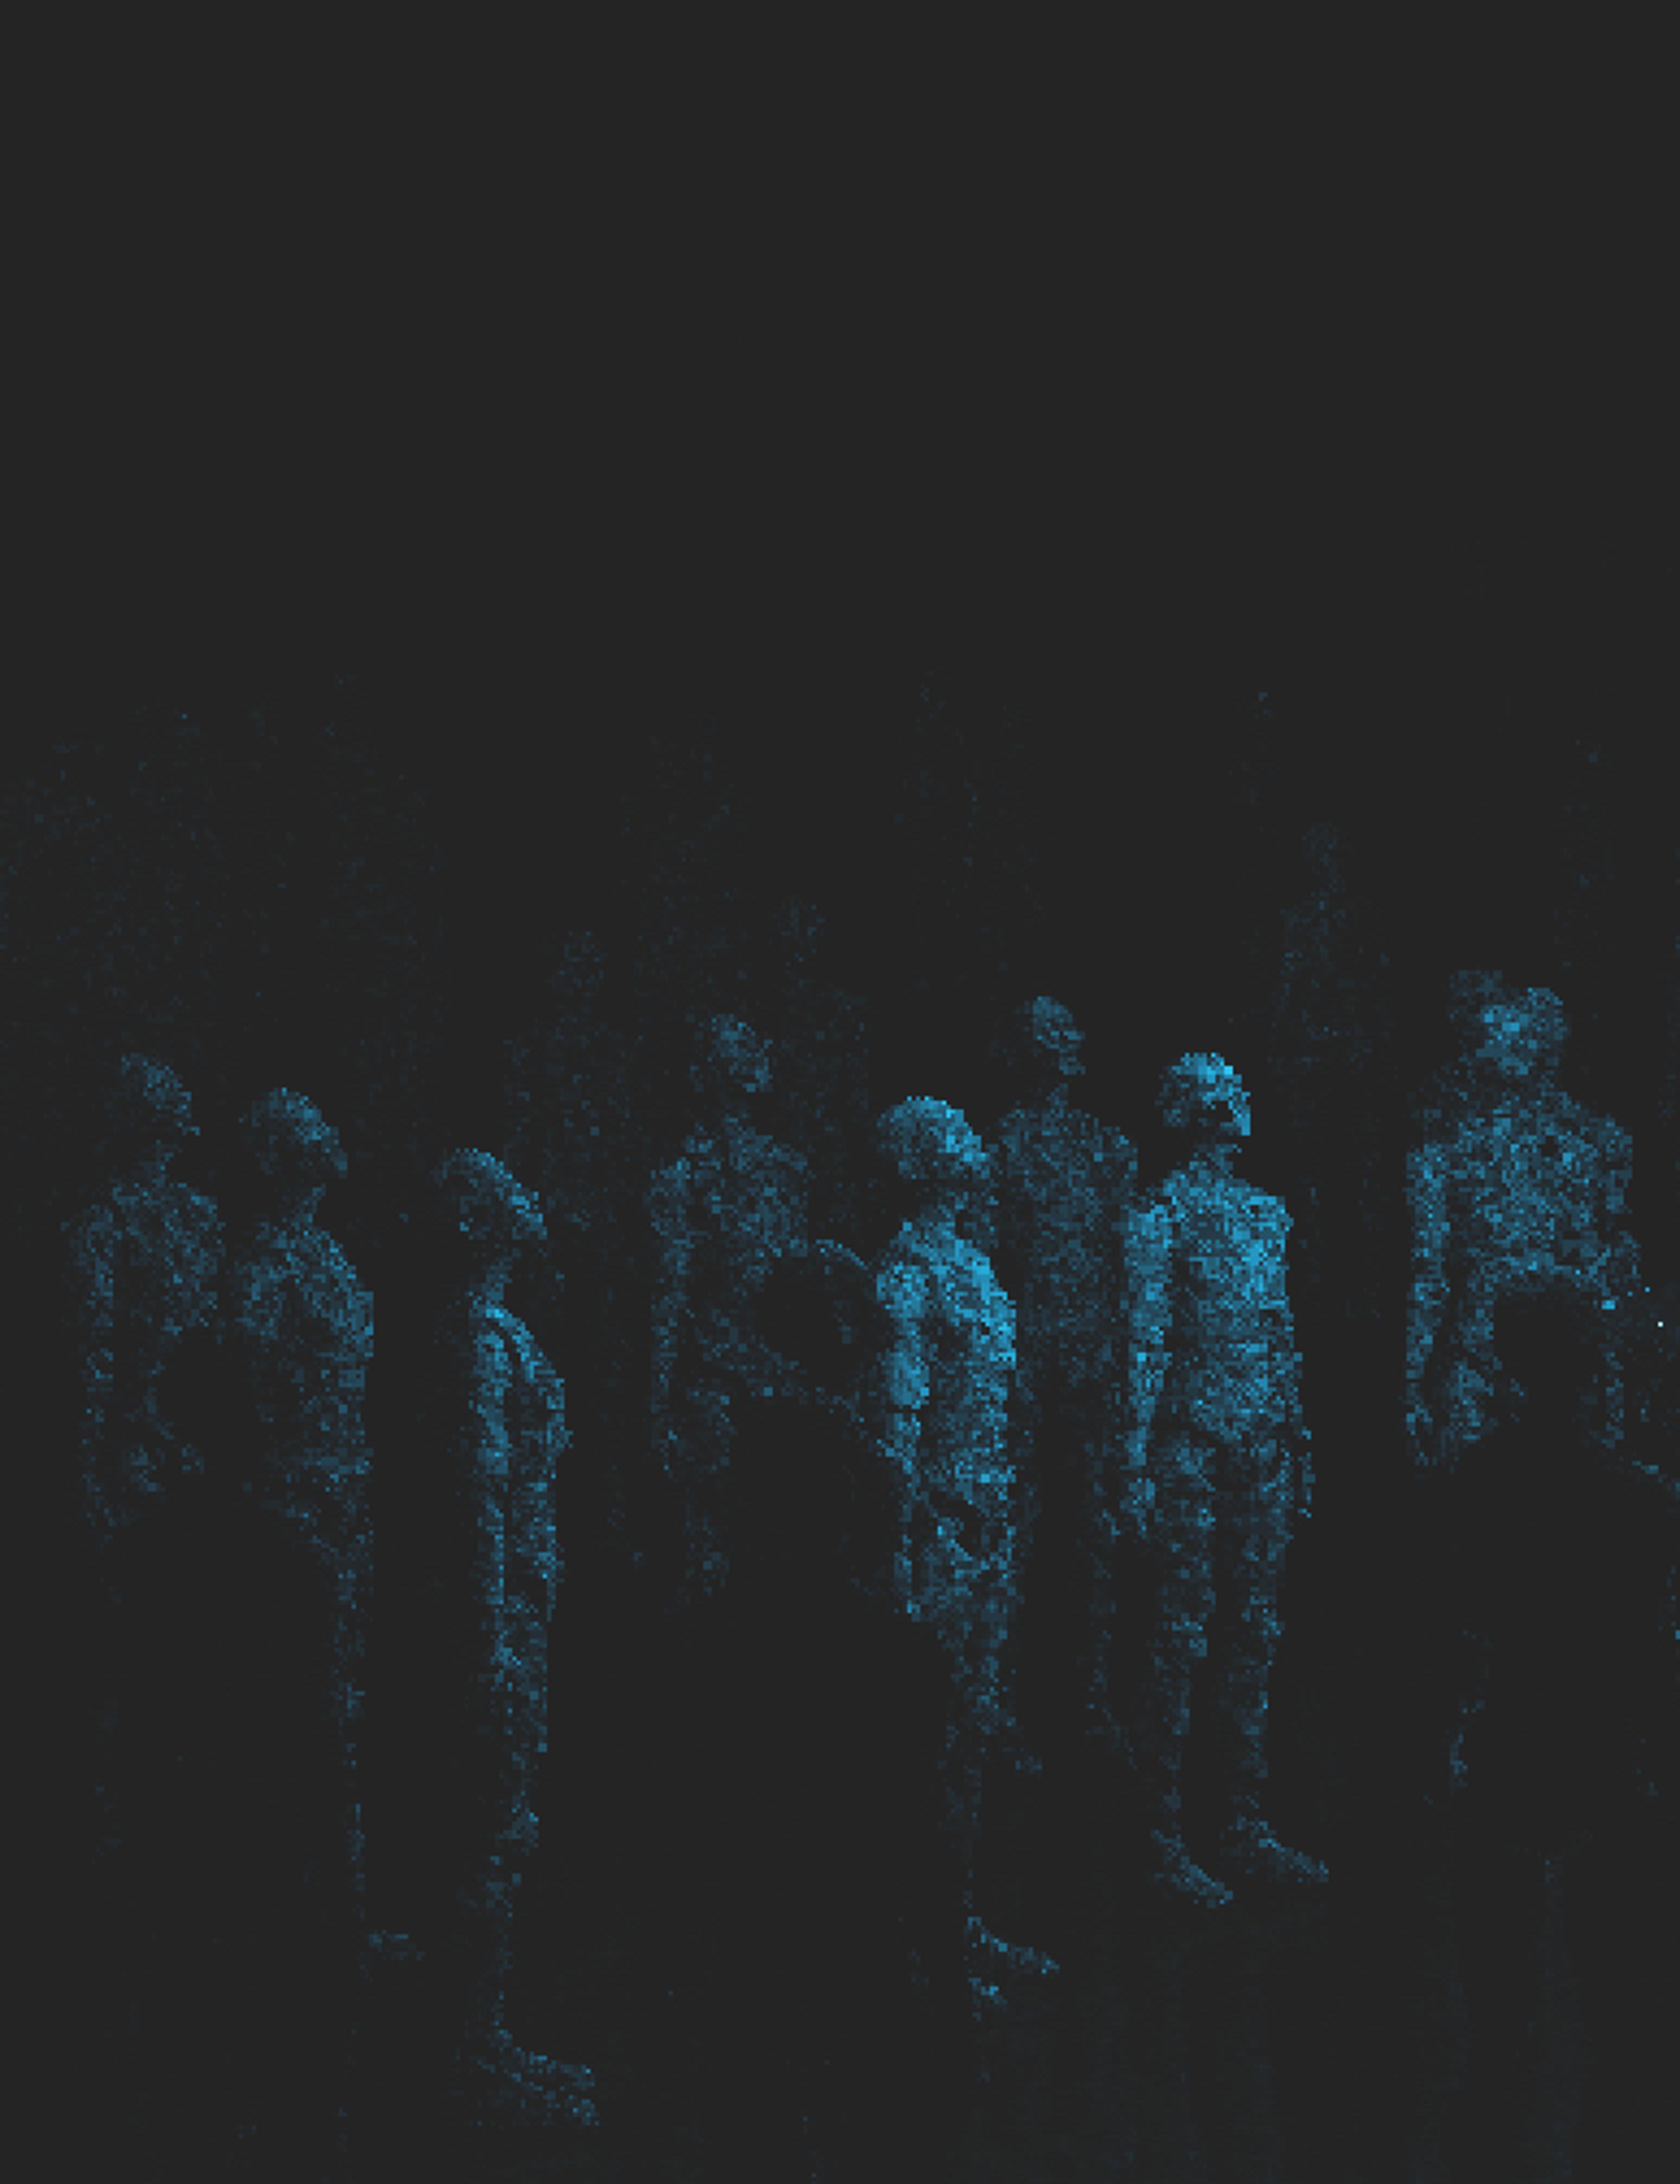 Menschen_blau_aufgehellt